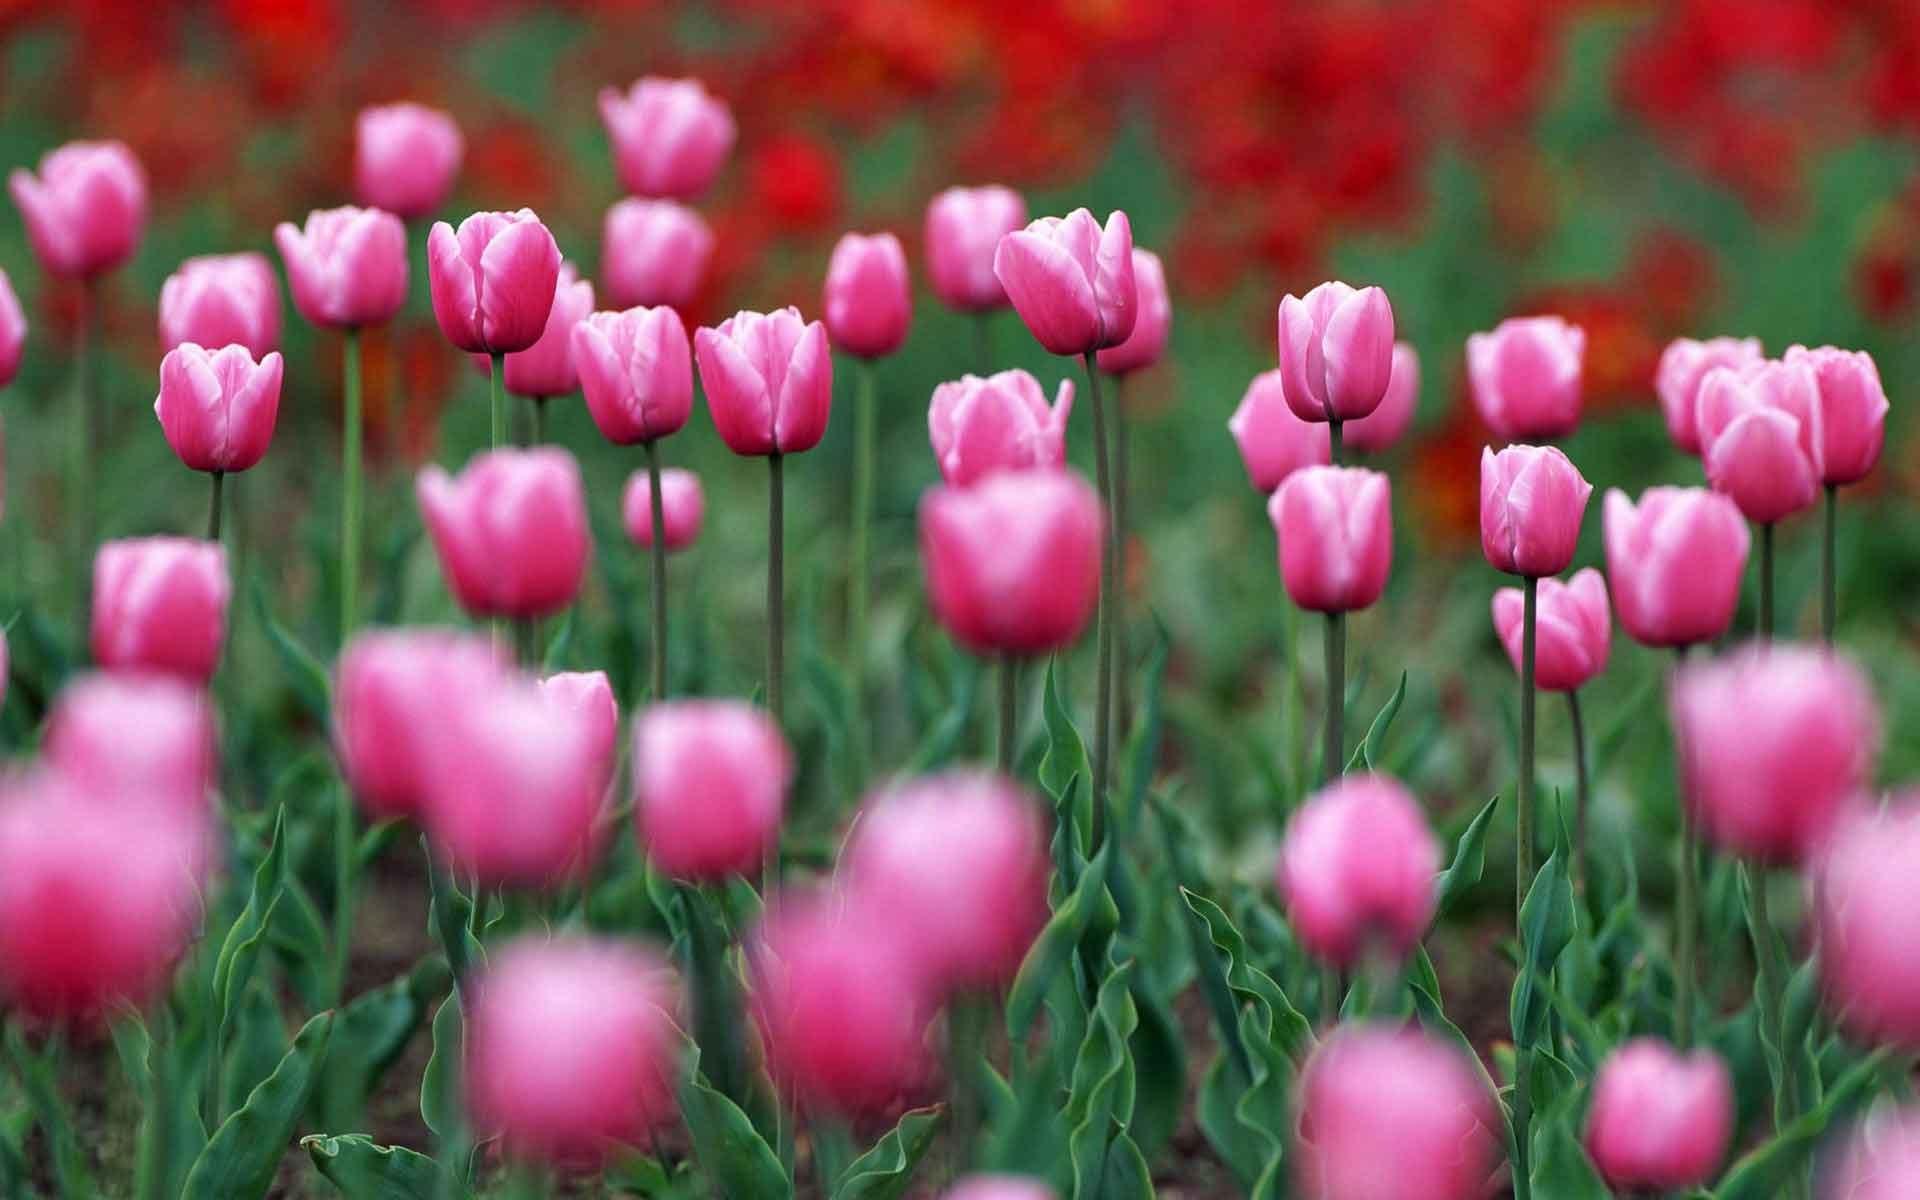 Free Colorful Flower Wallpaper Downloads: Spring Desktop Backgrounds (72+ Images